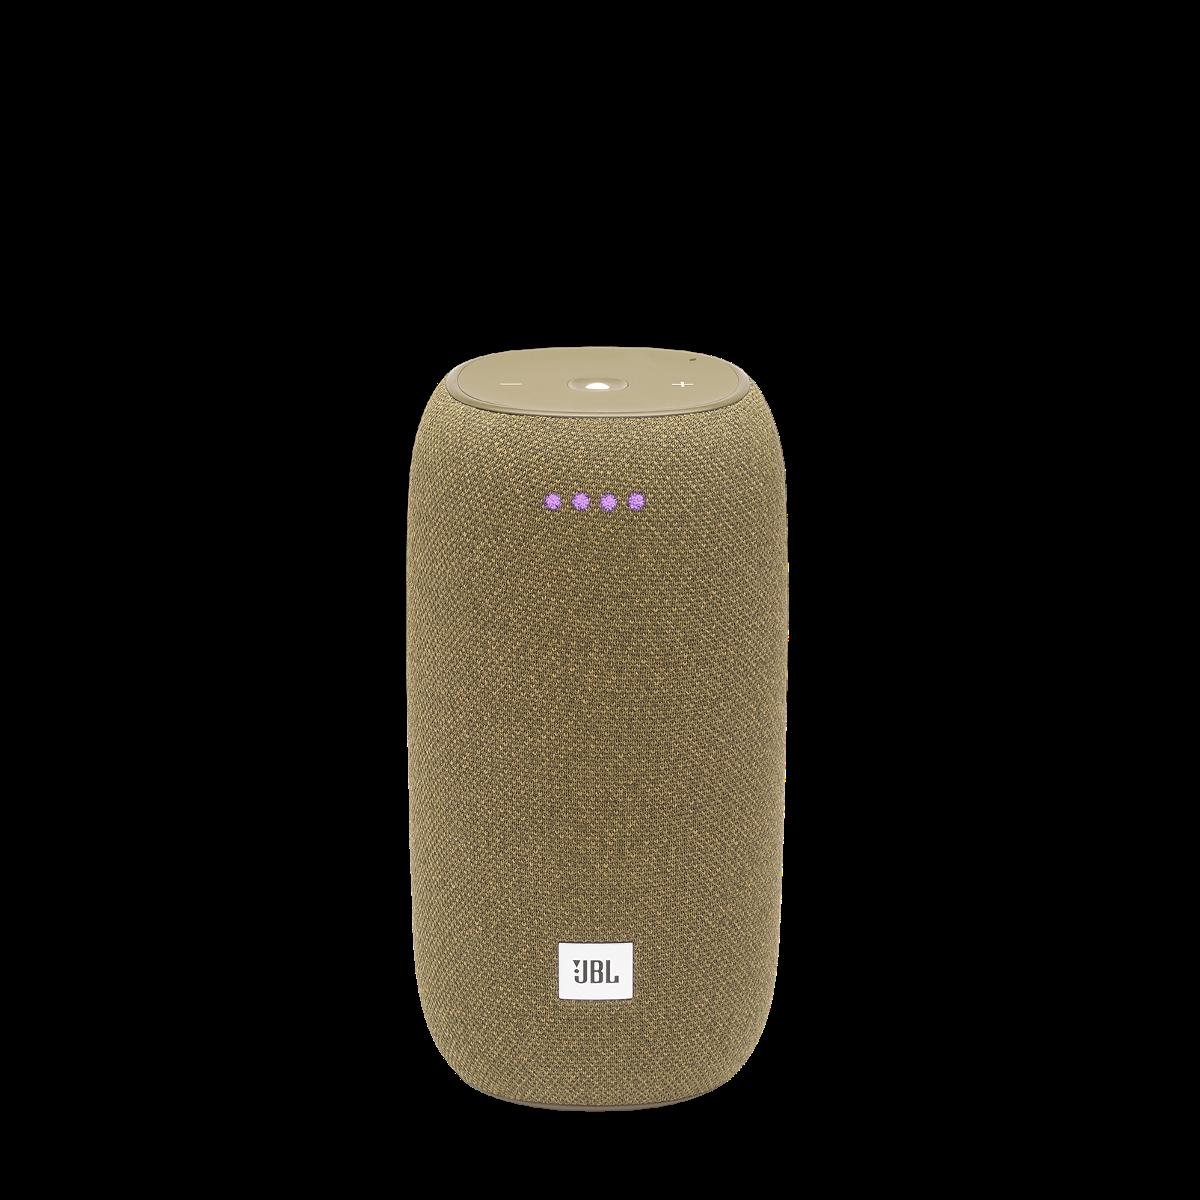 Портативная акустика JBL Link Portable с Алисой солома, Светло-коричневый, Китай  - купить со скидкой